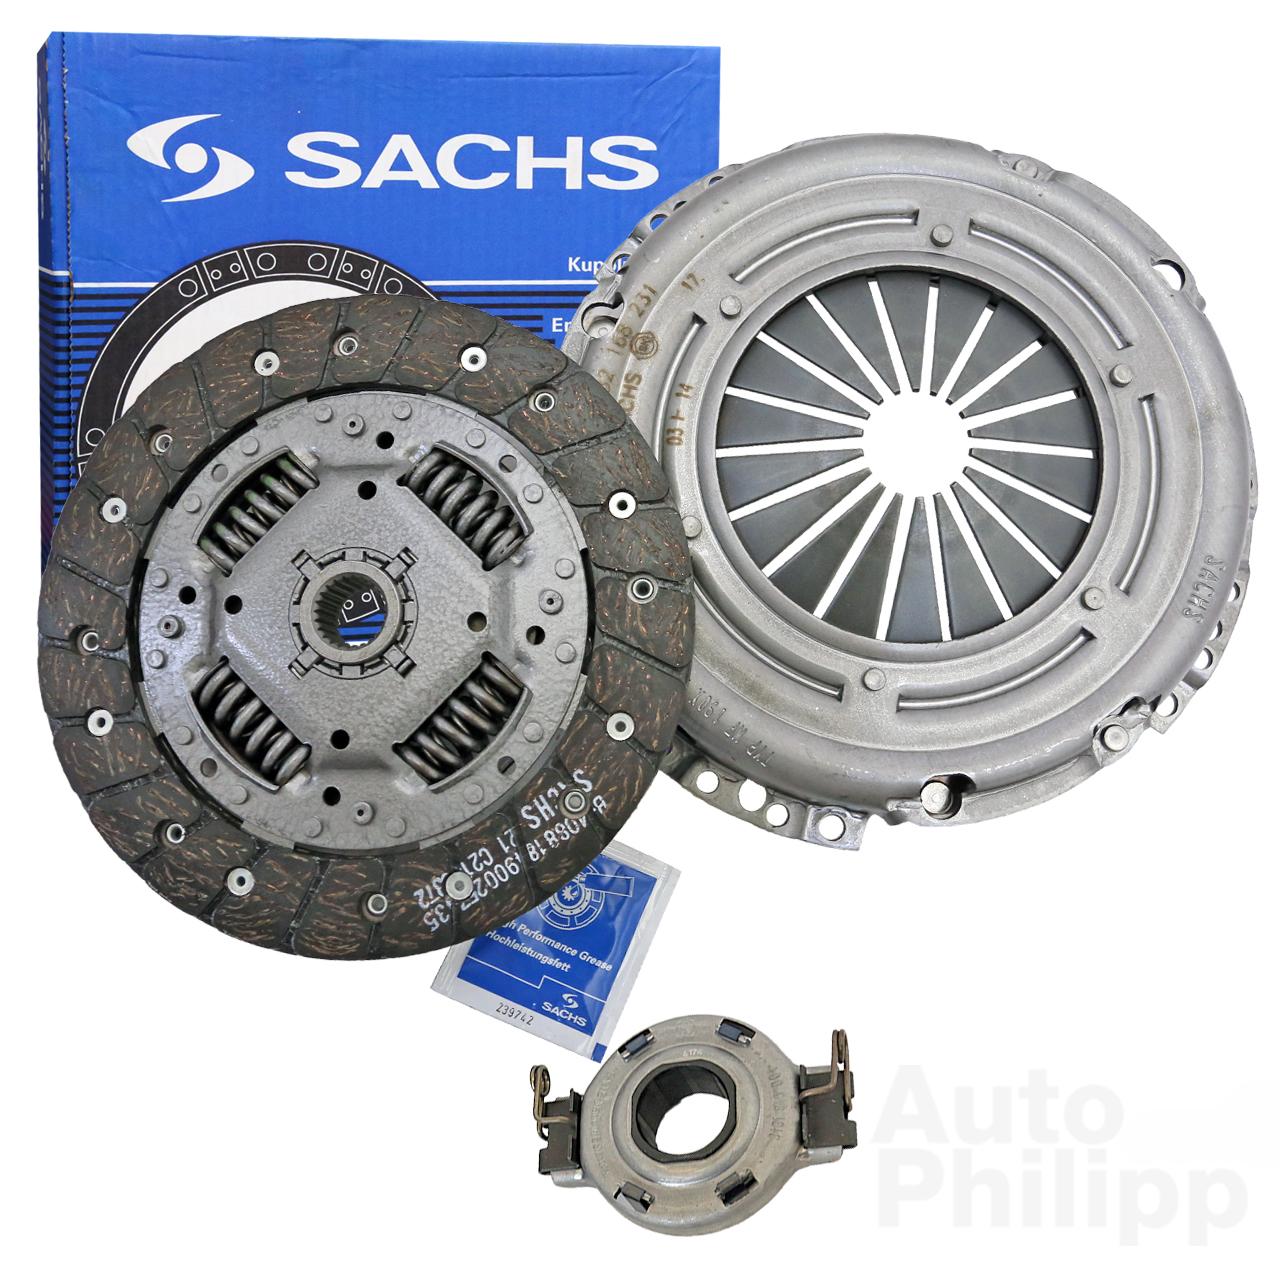 Sachs kupplung kupplungssatz